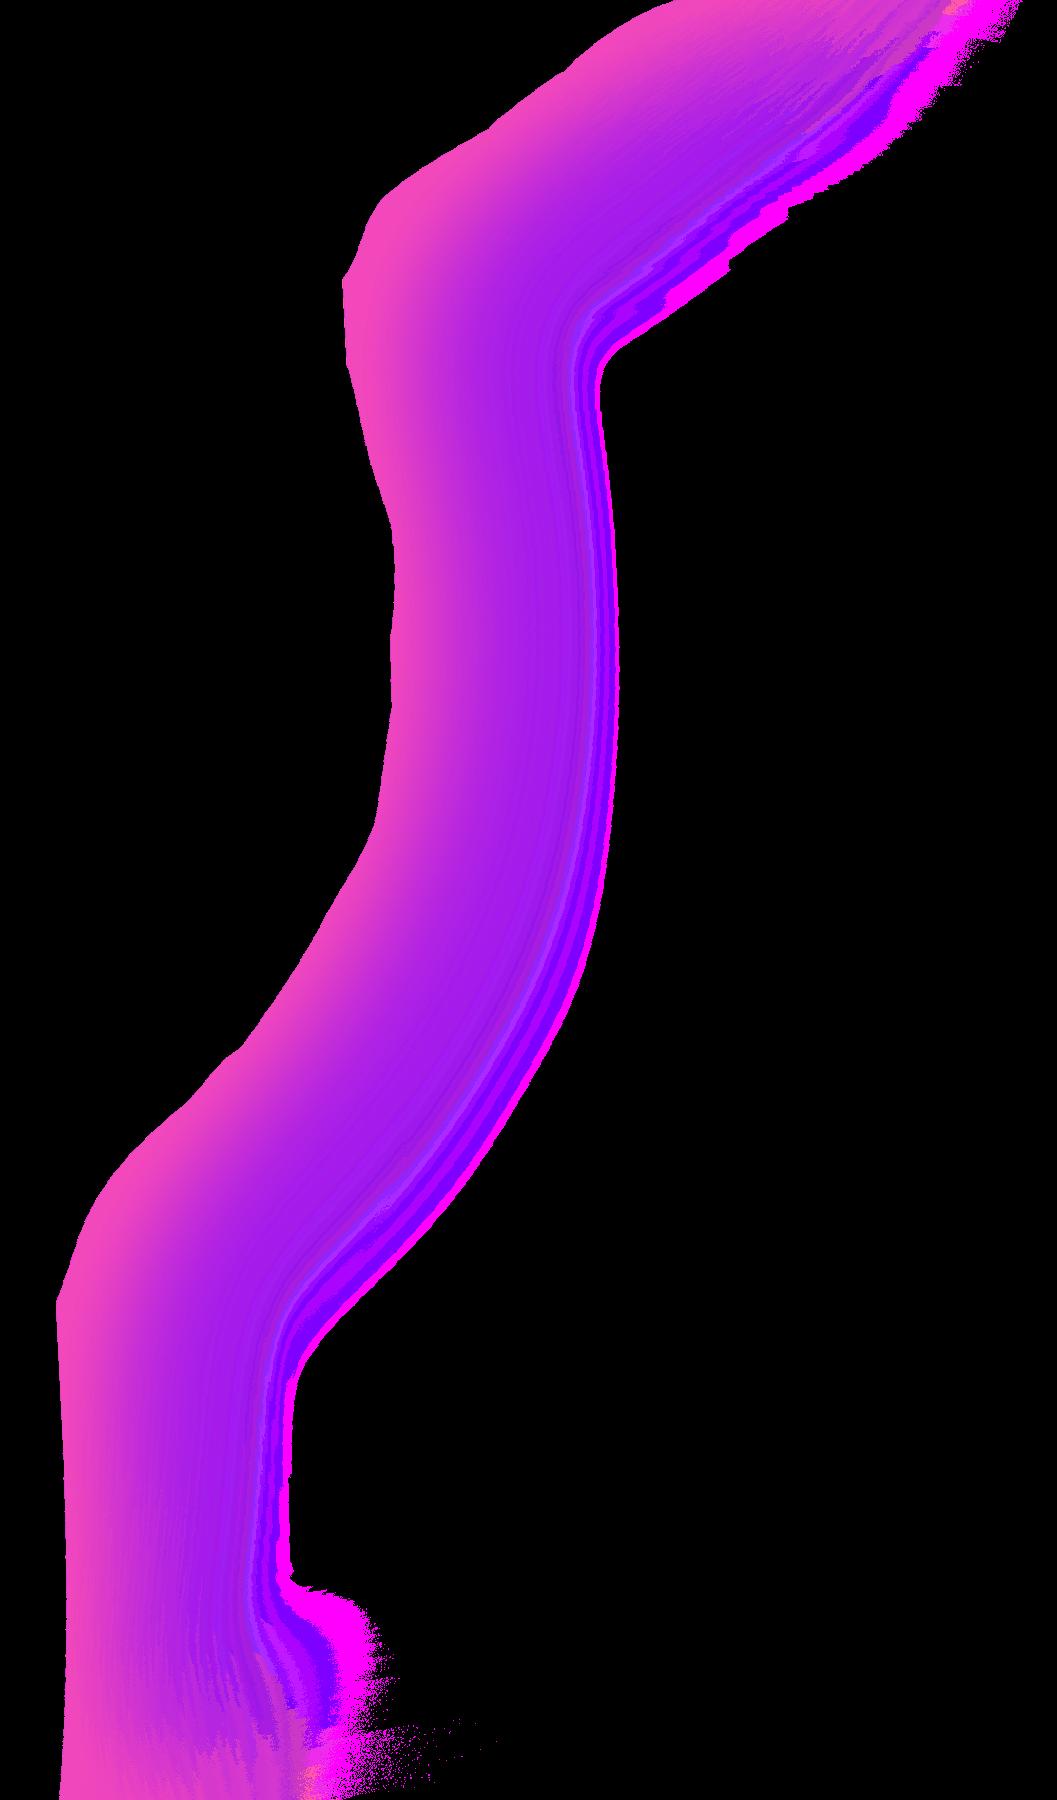 gradient line pink